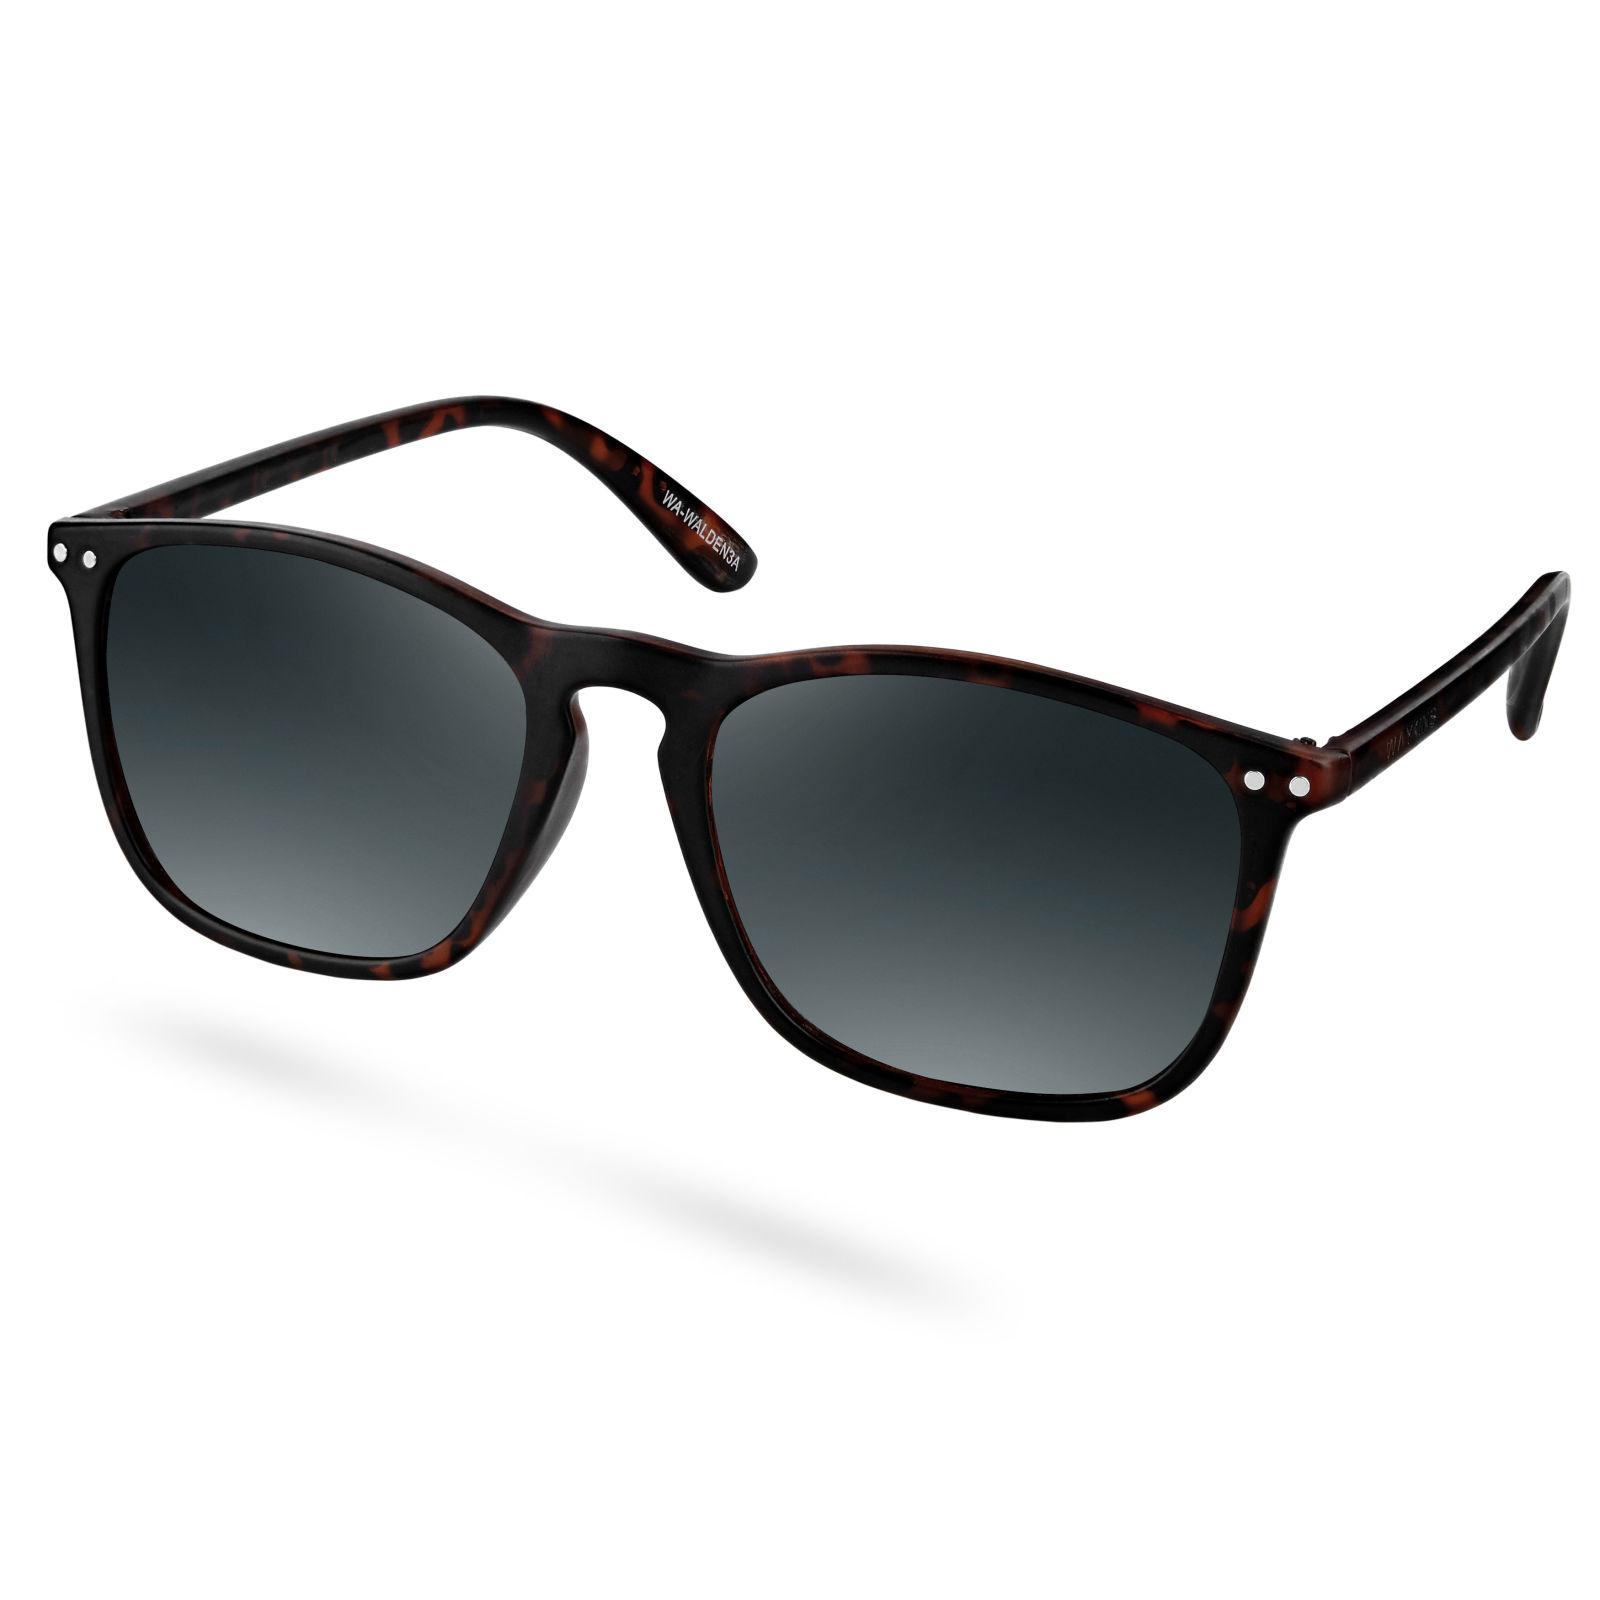 Walden teknőcmintás szürke napszemüveg  6ba06bb955